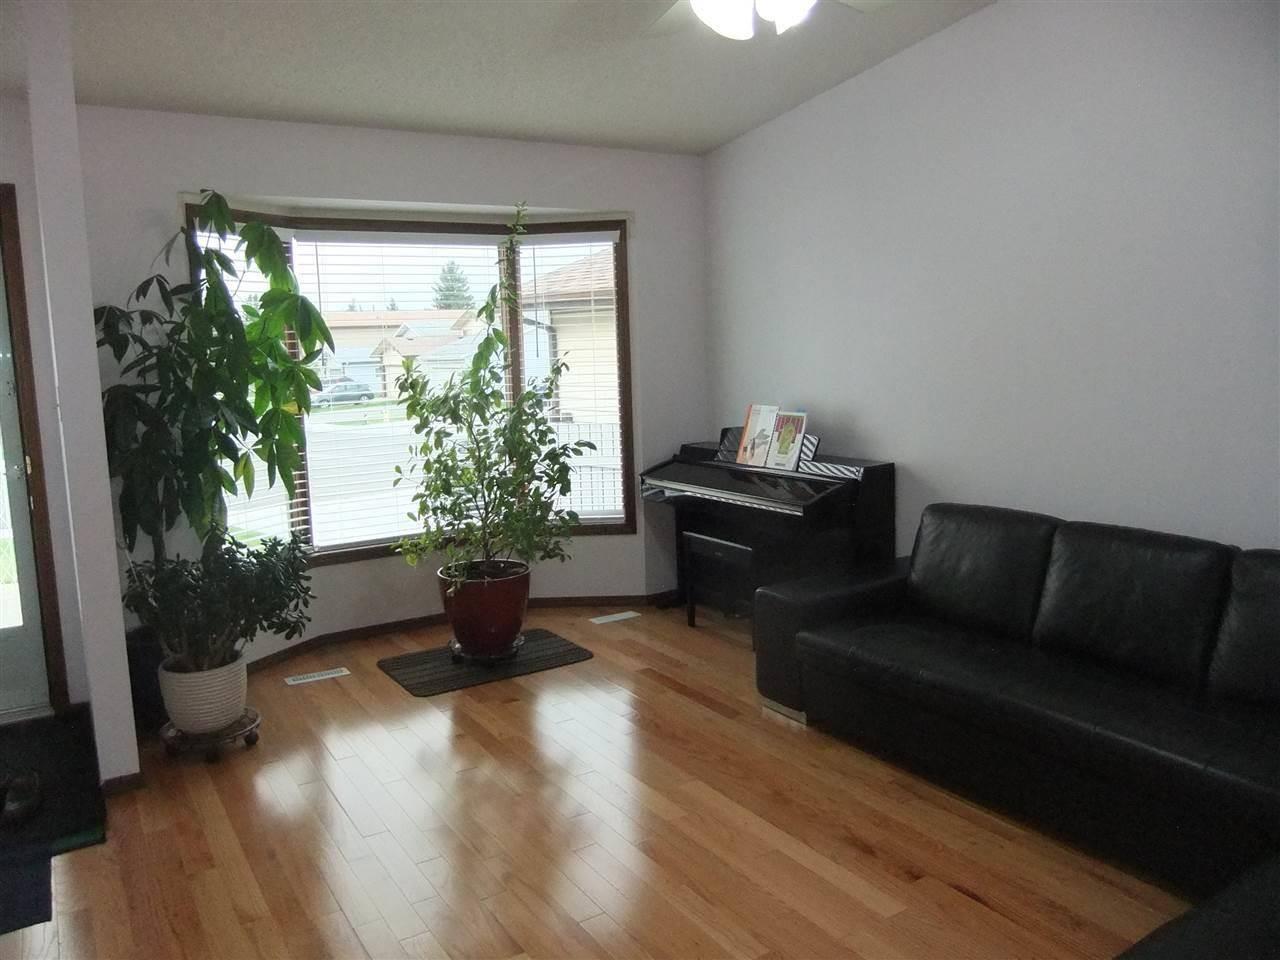 7020 - 152 C Avenue Nw, Edmonton | Image 2